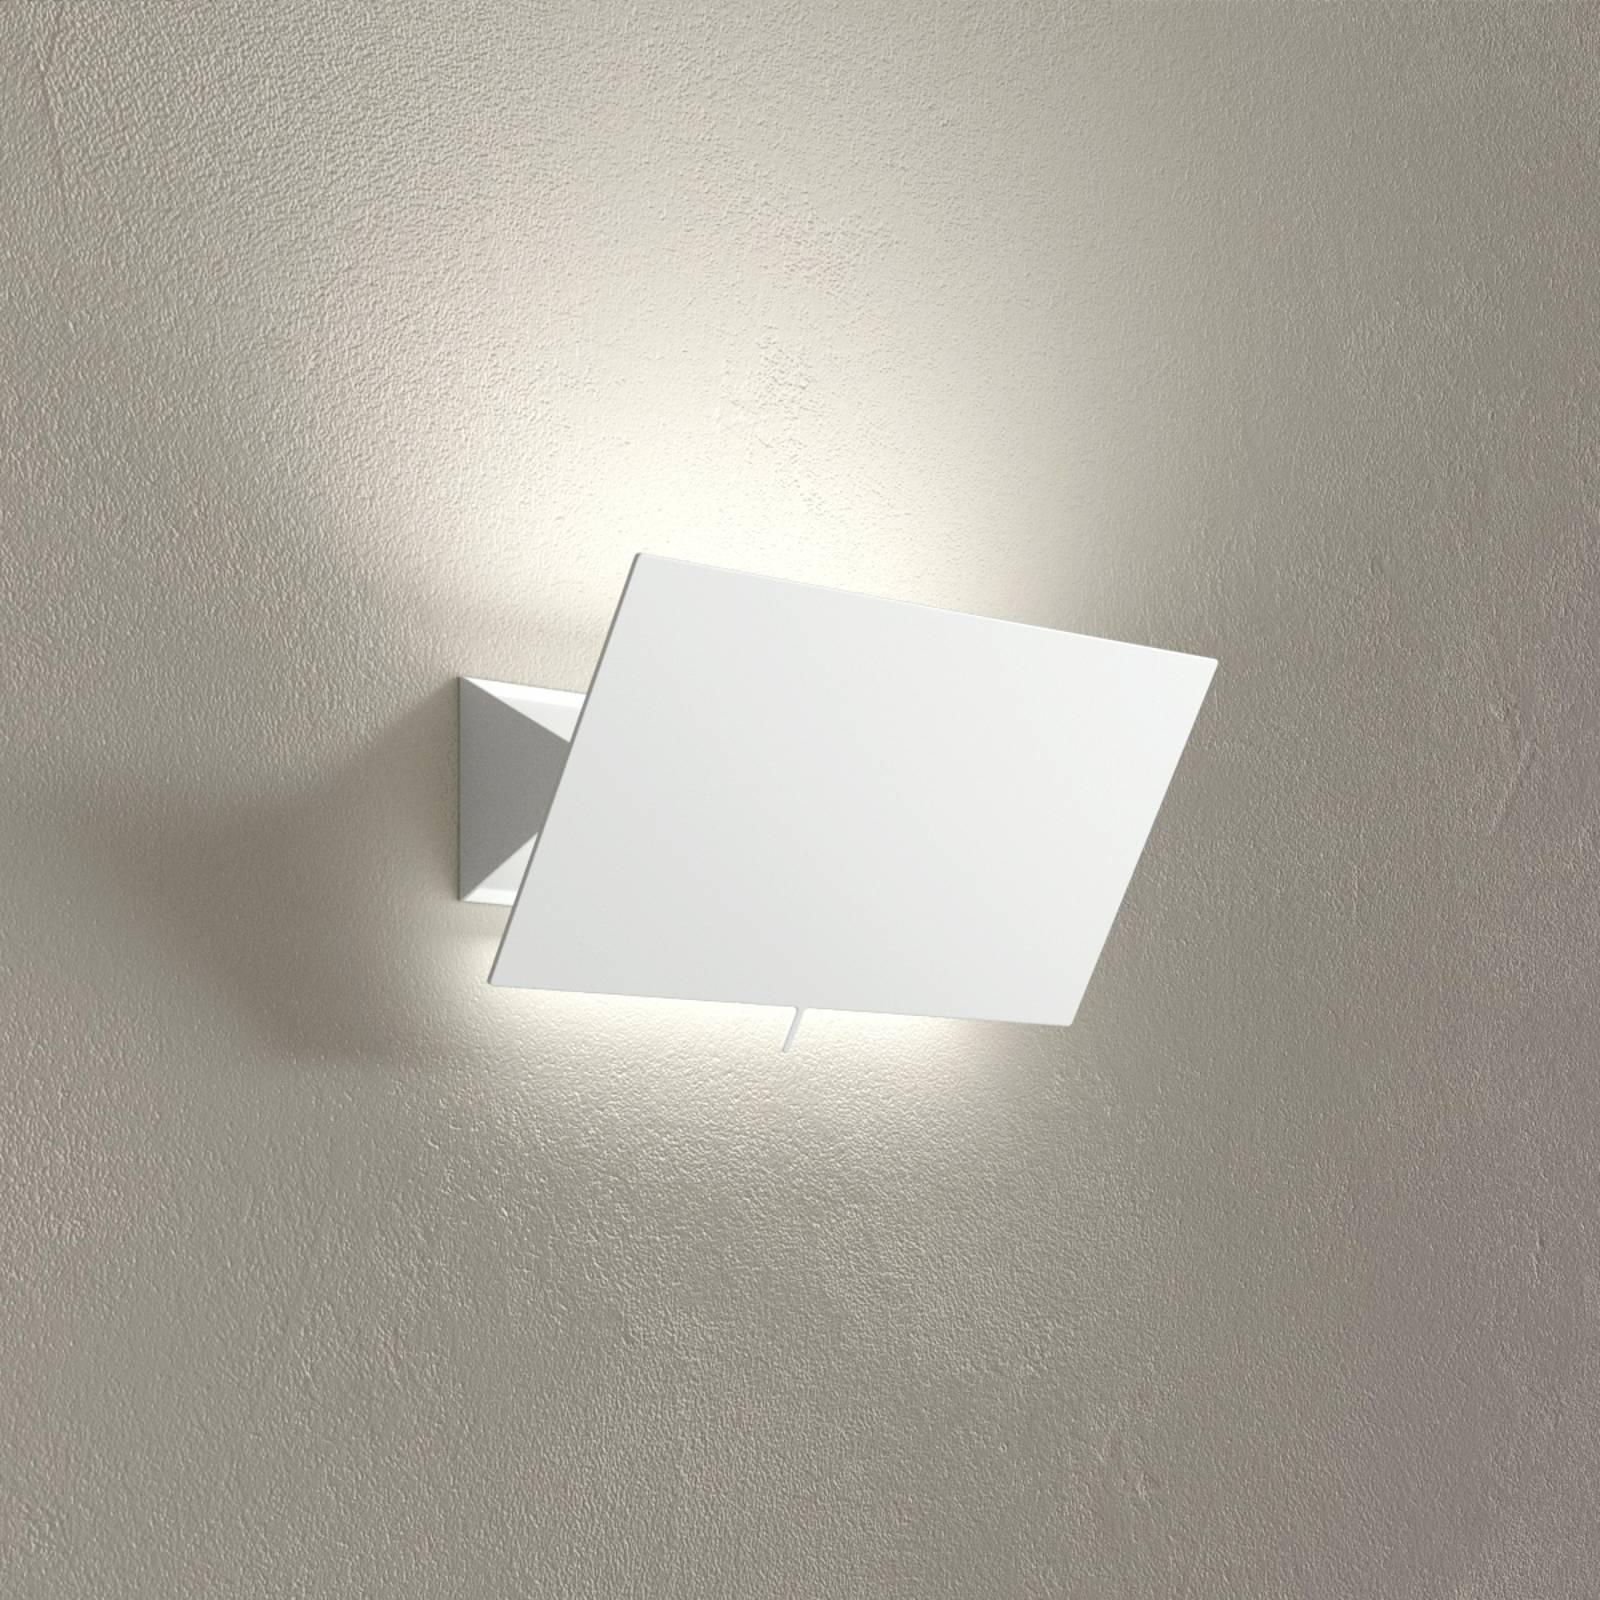 Applique LED Shadow Piccola, blanc, largeur 33cm